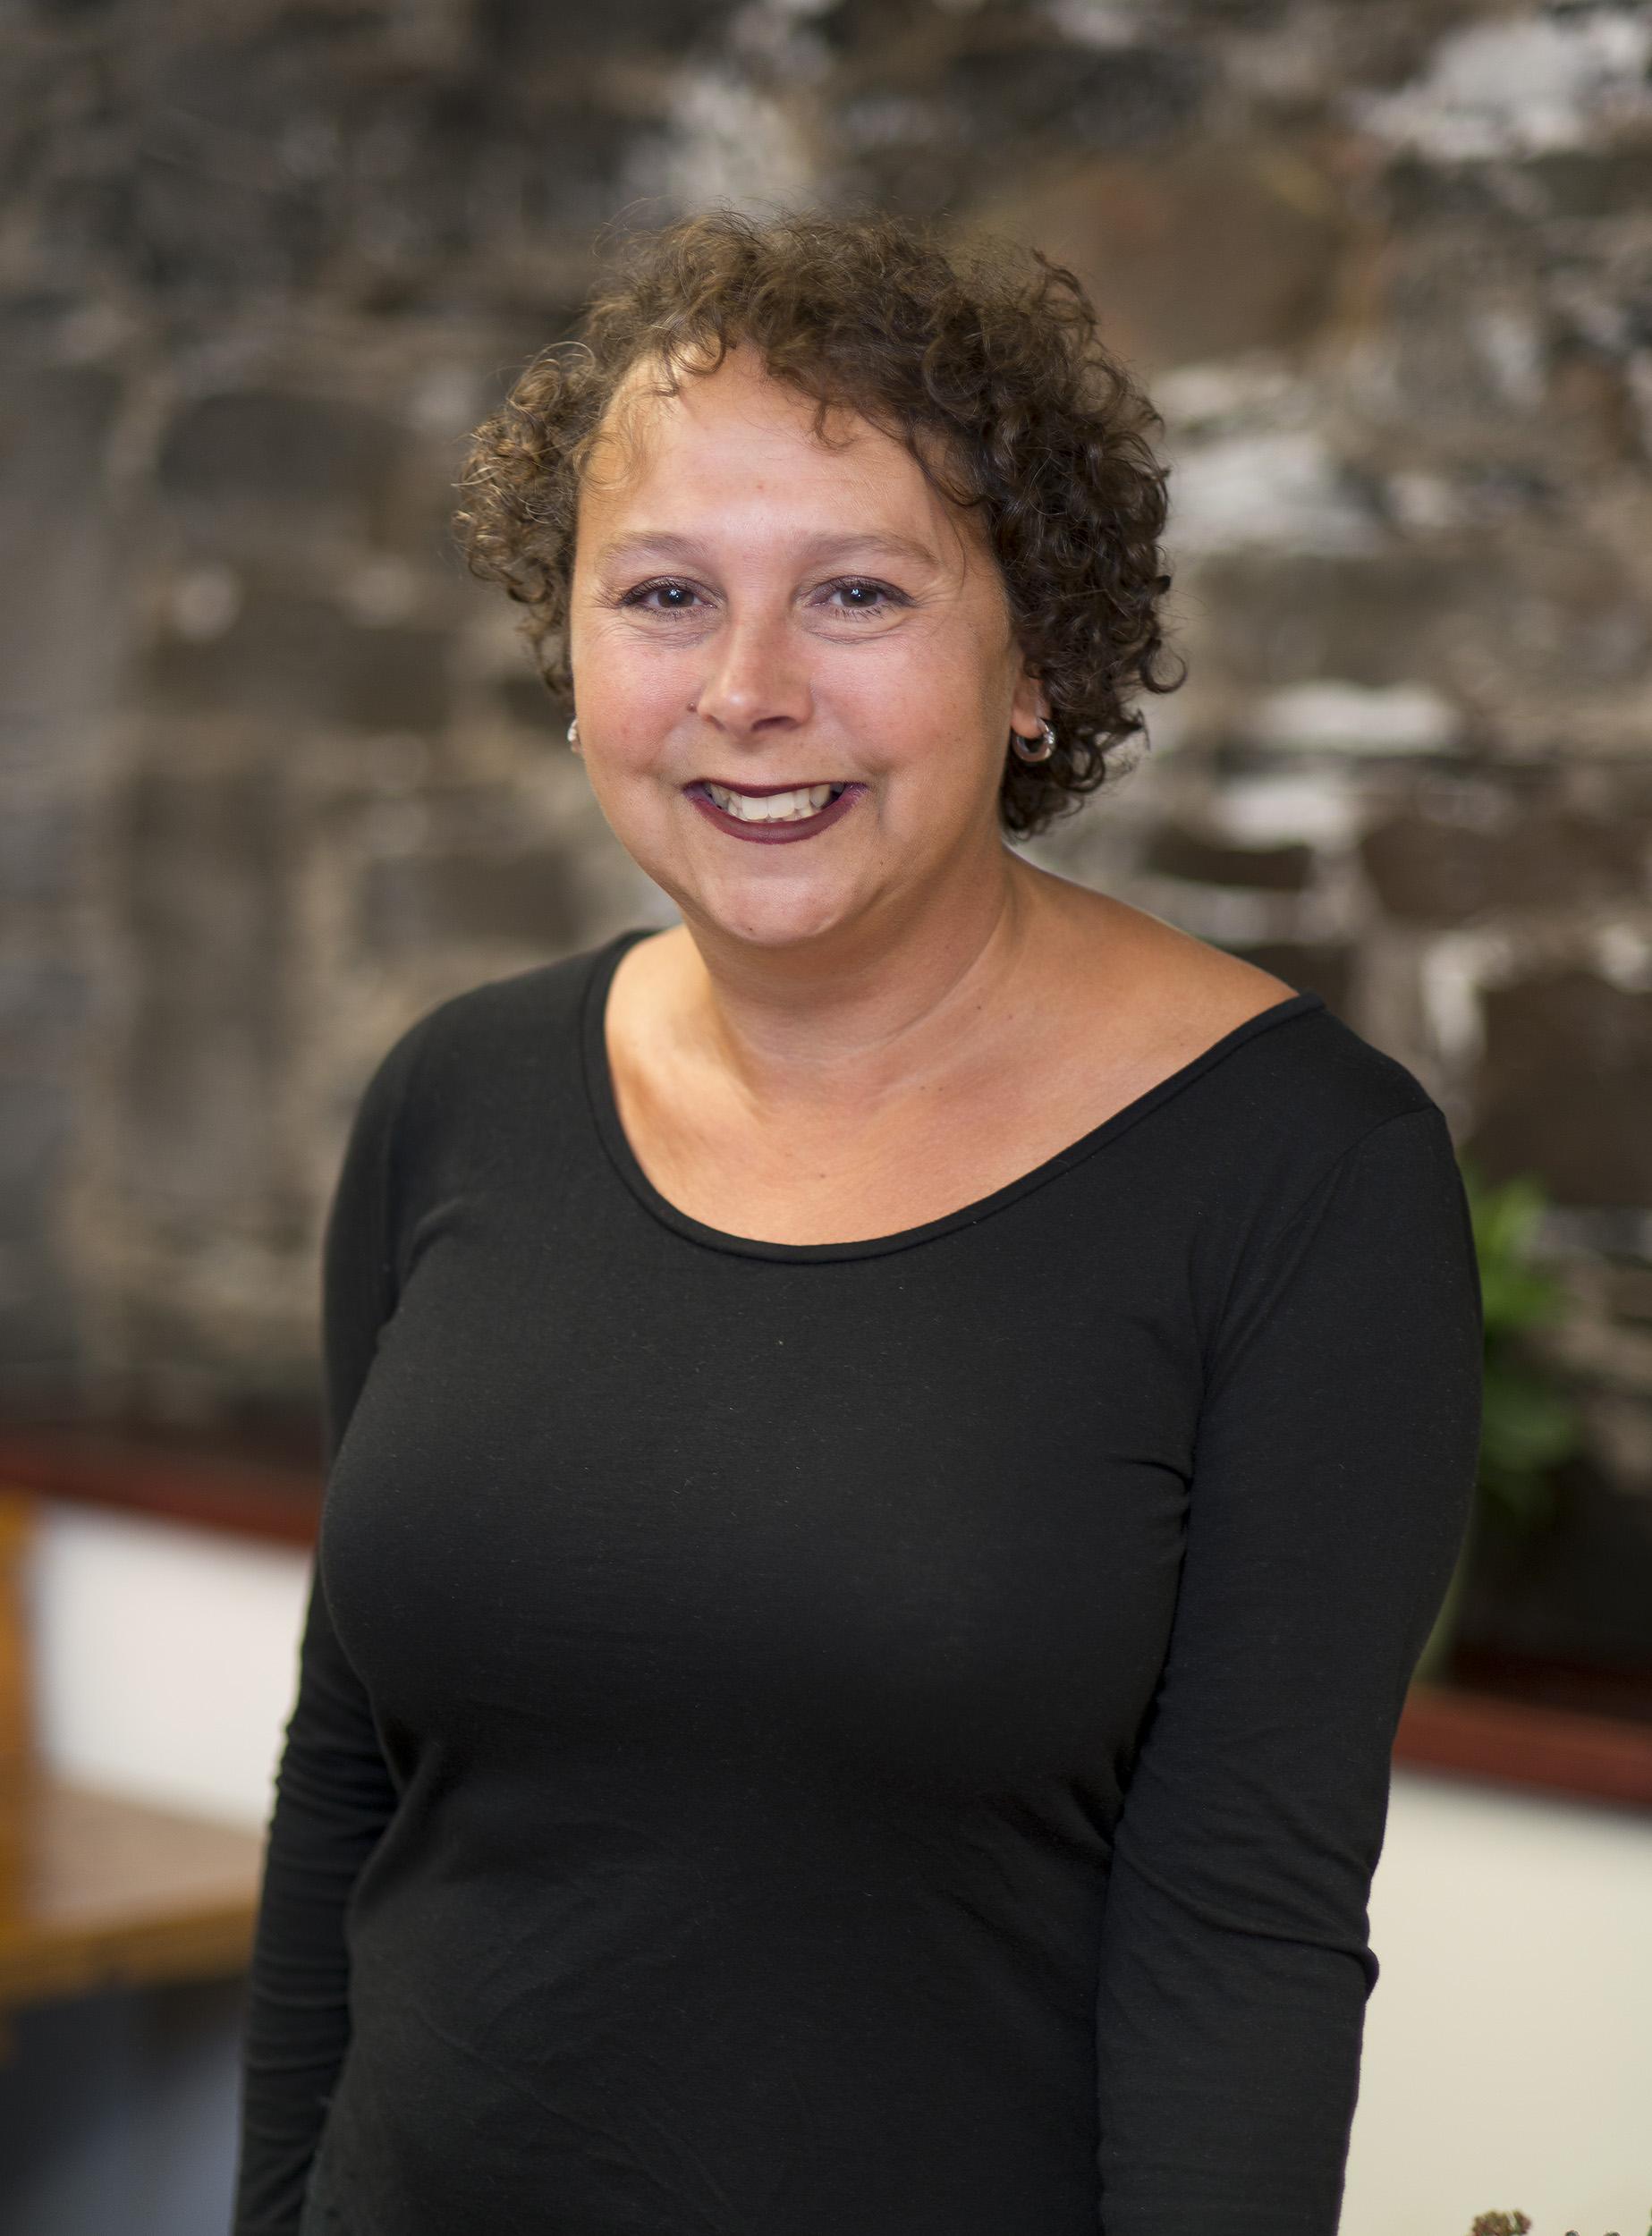 Tanya Chapman